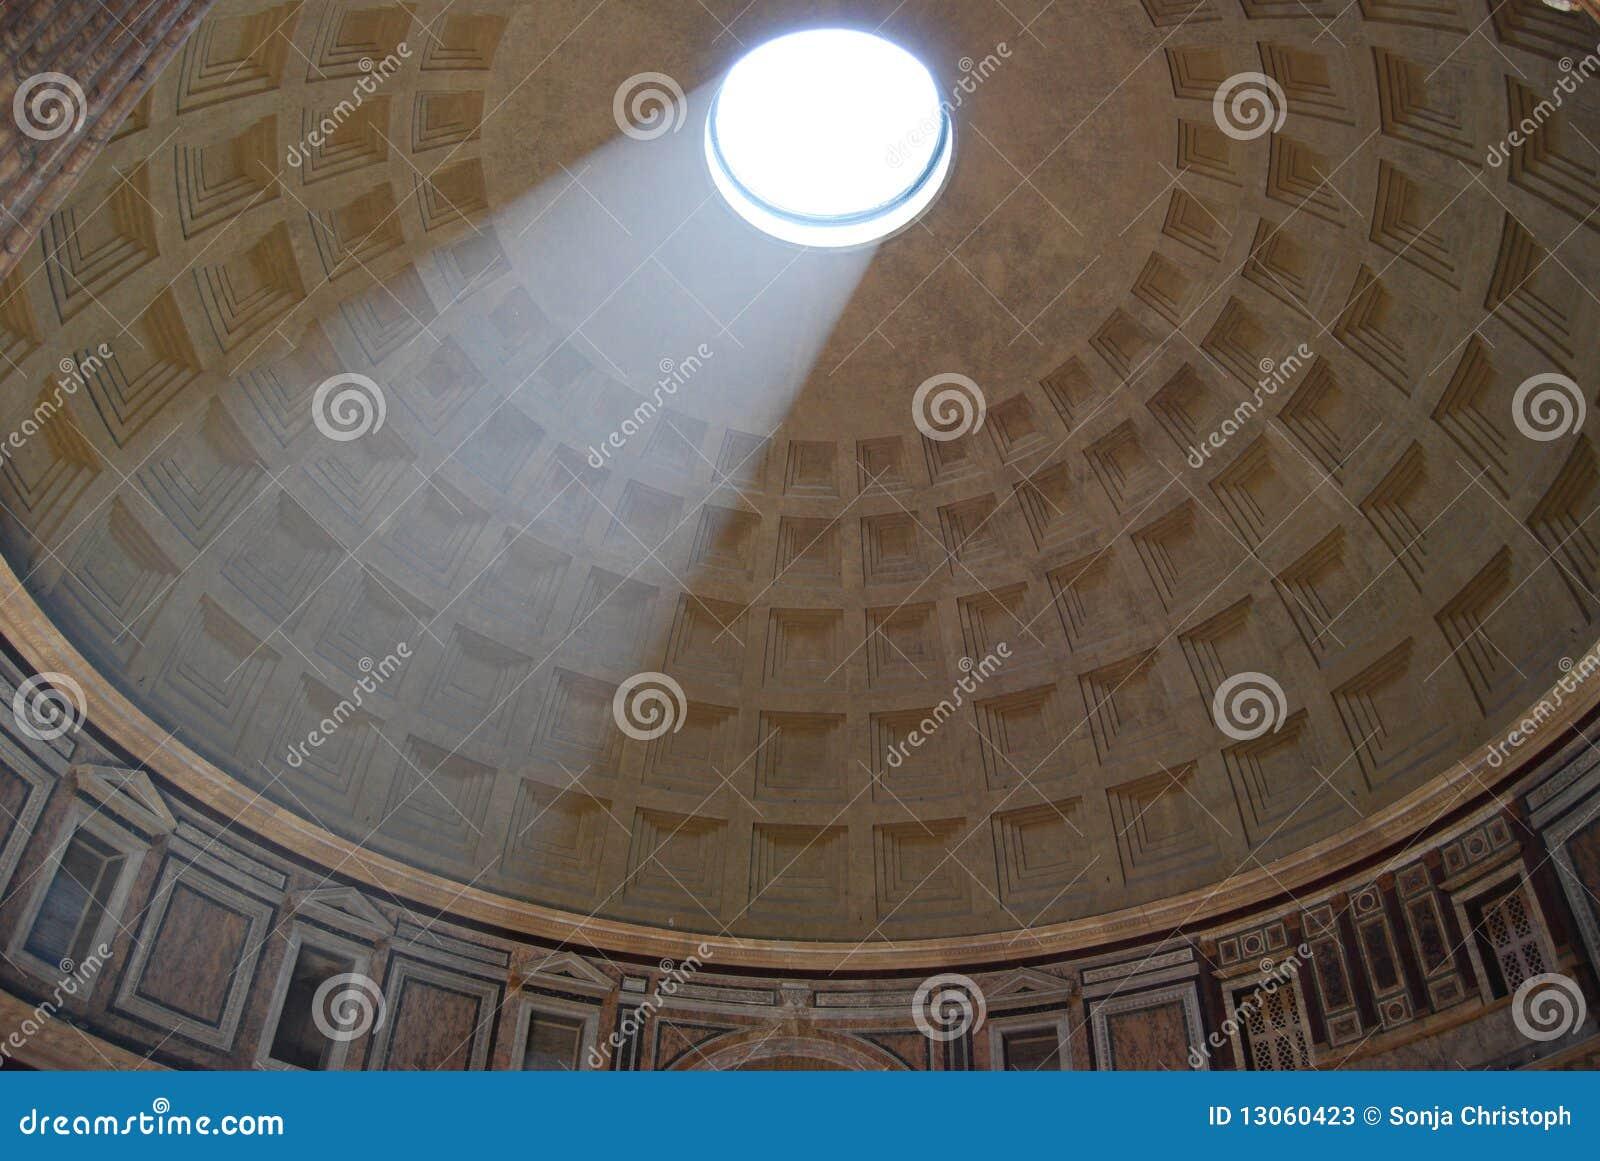 À l intérieur du Panthéon